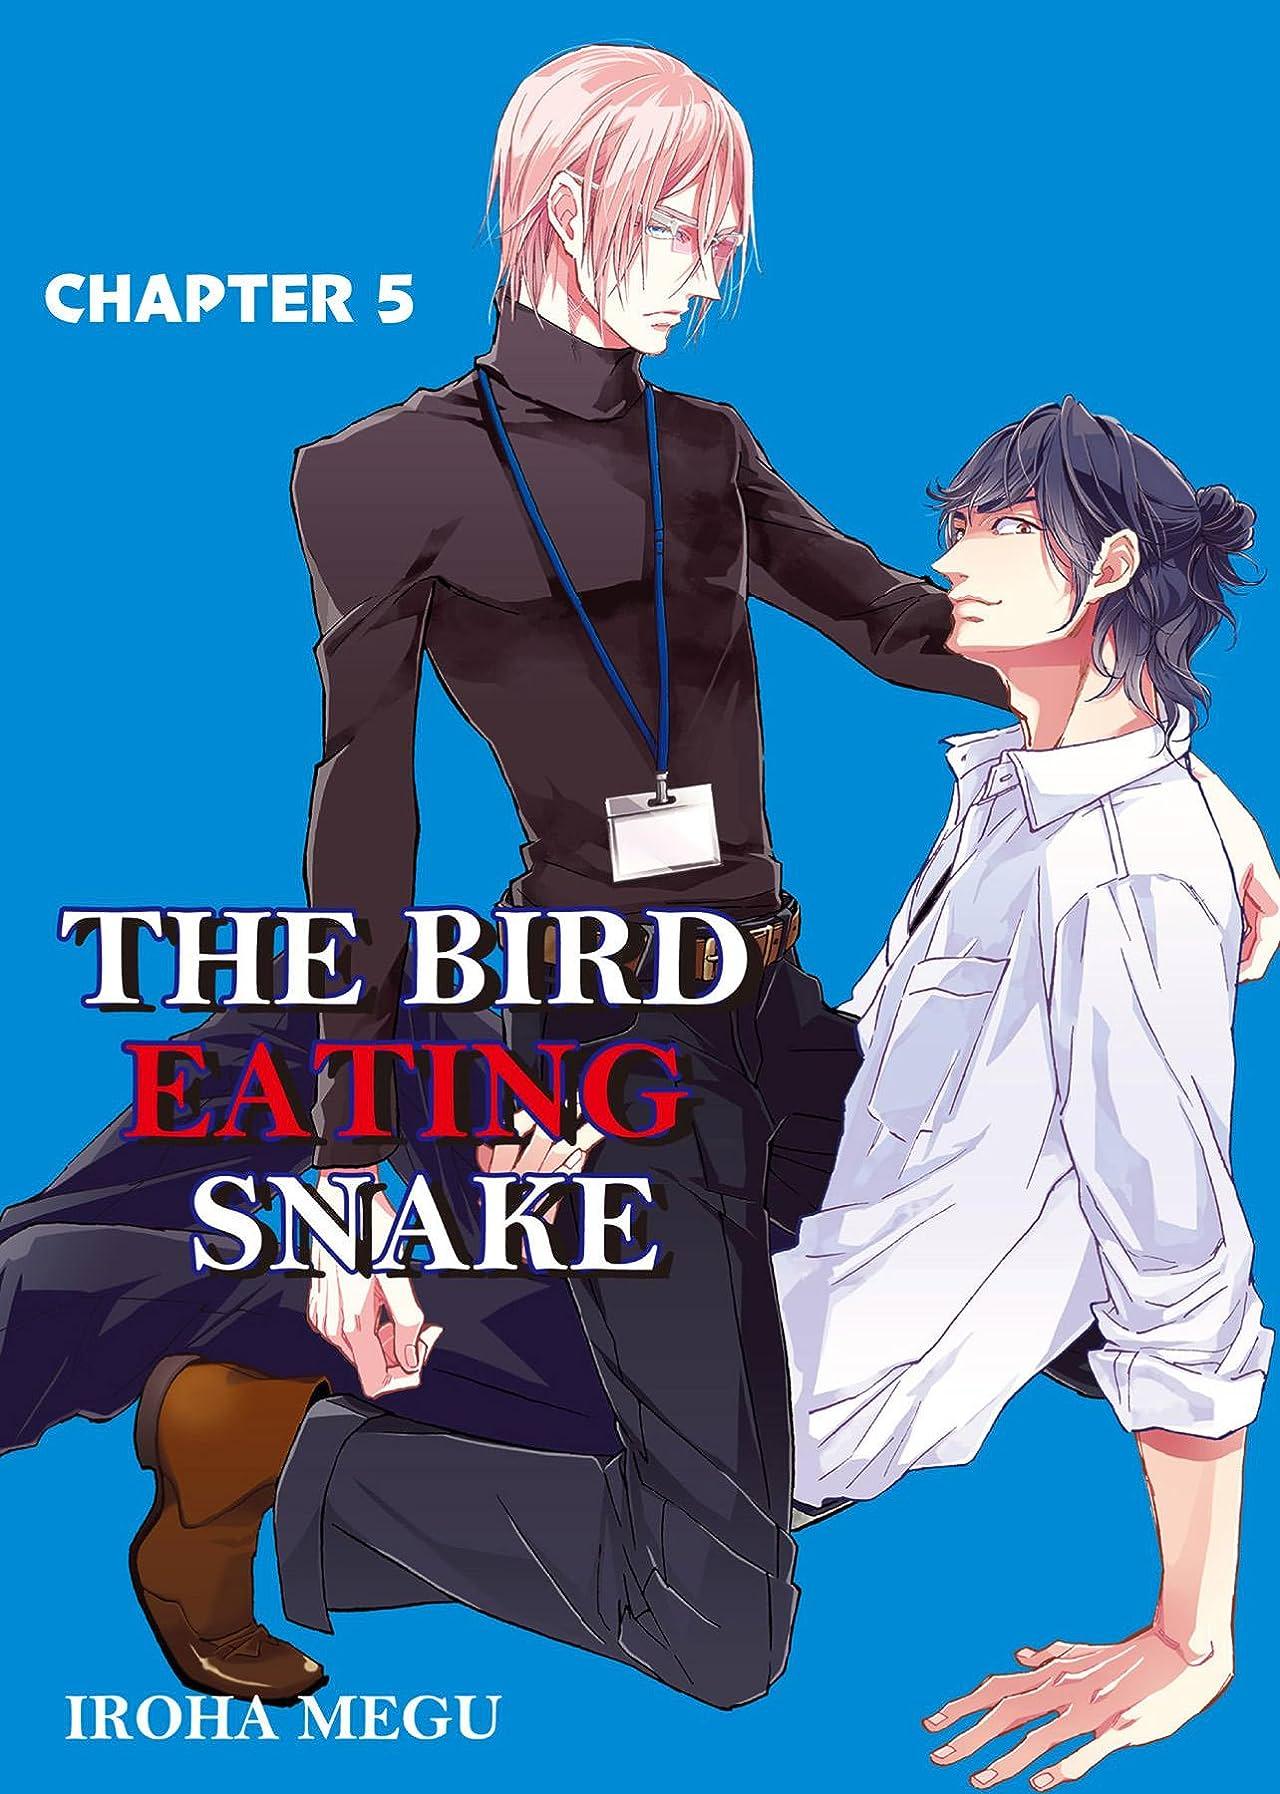 THE BIRD EATING SNAKE #5